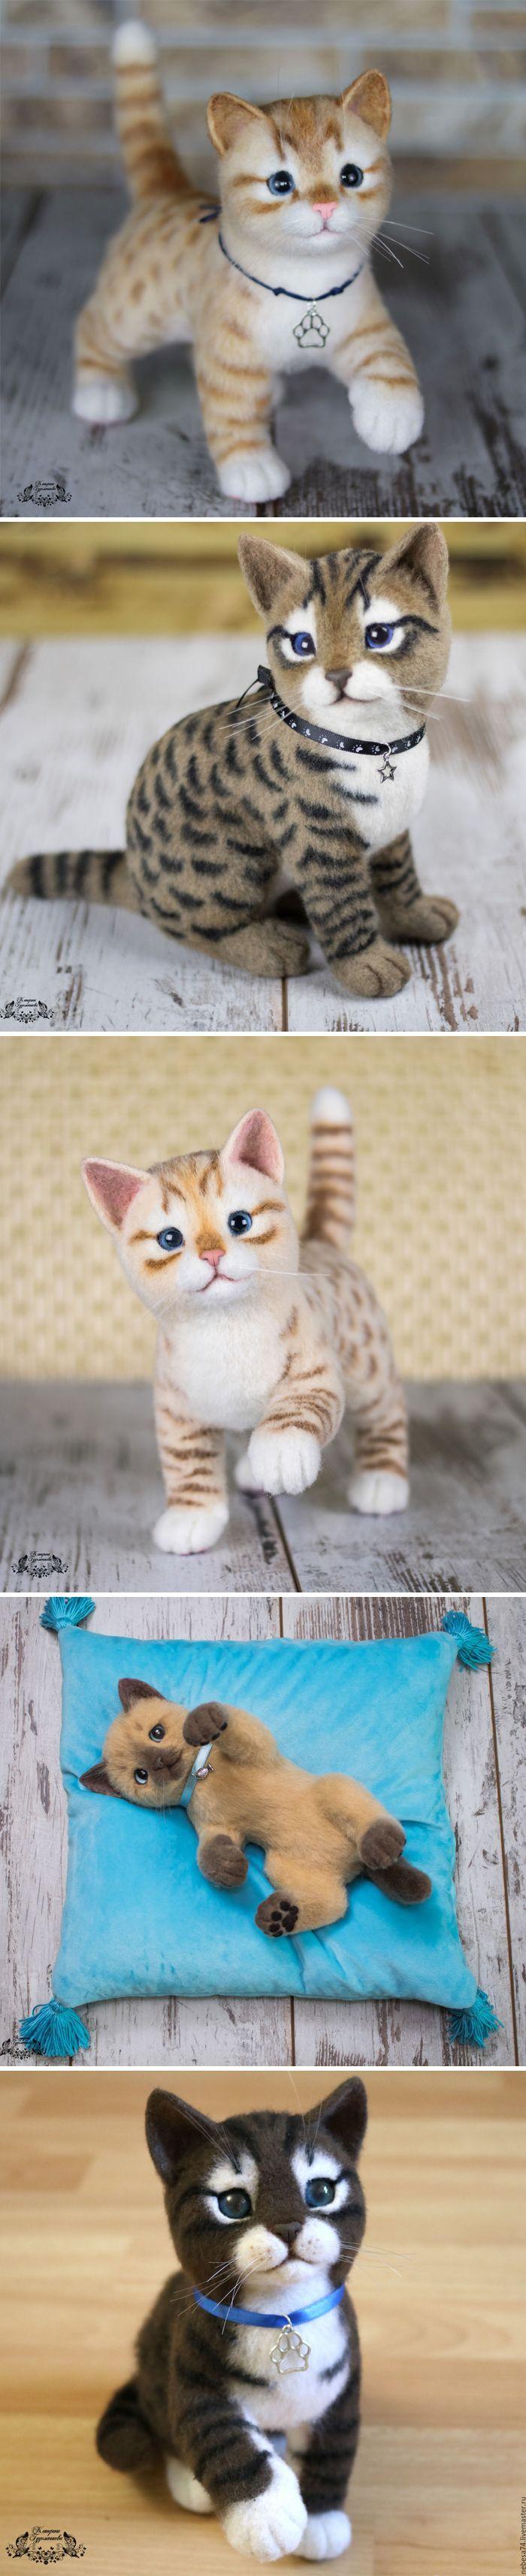 Adorable Felted Kittens   Очаровательные валяные котята — Купить, заказать, кот, кошка, котенок, валяный, валяние